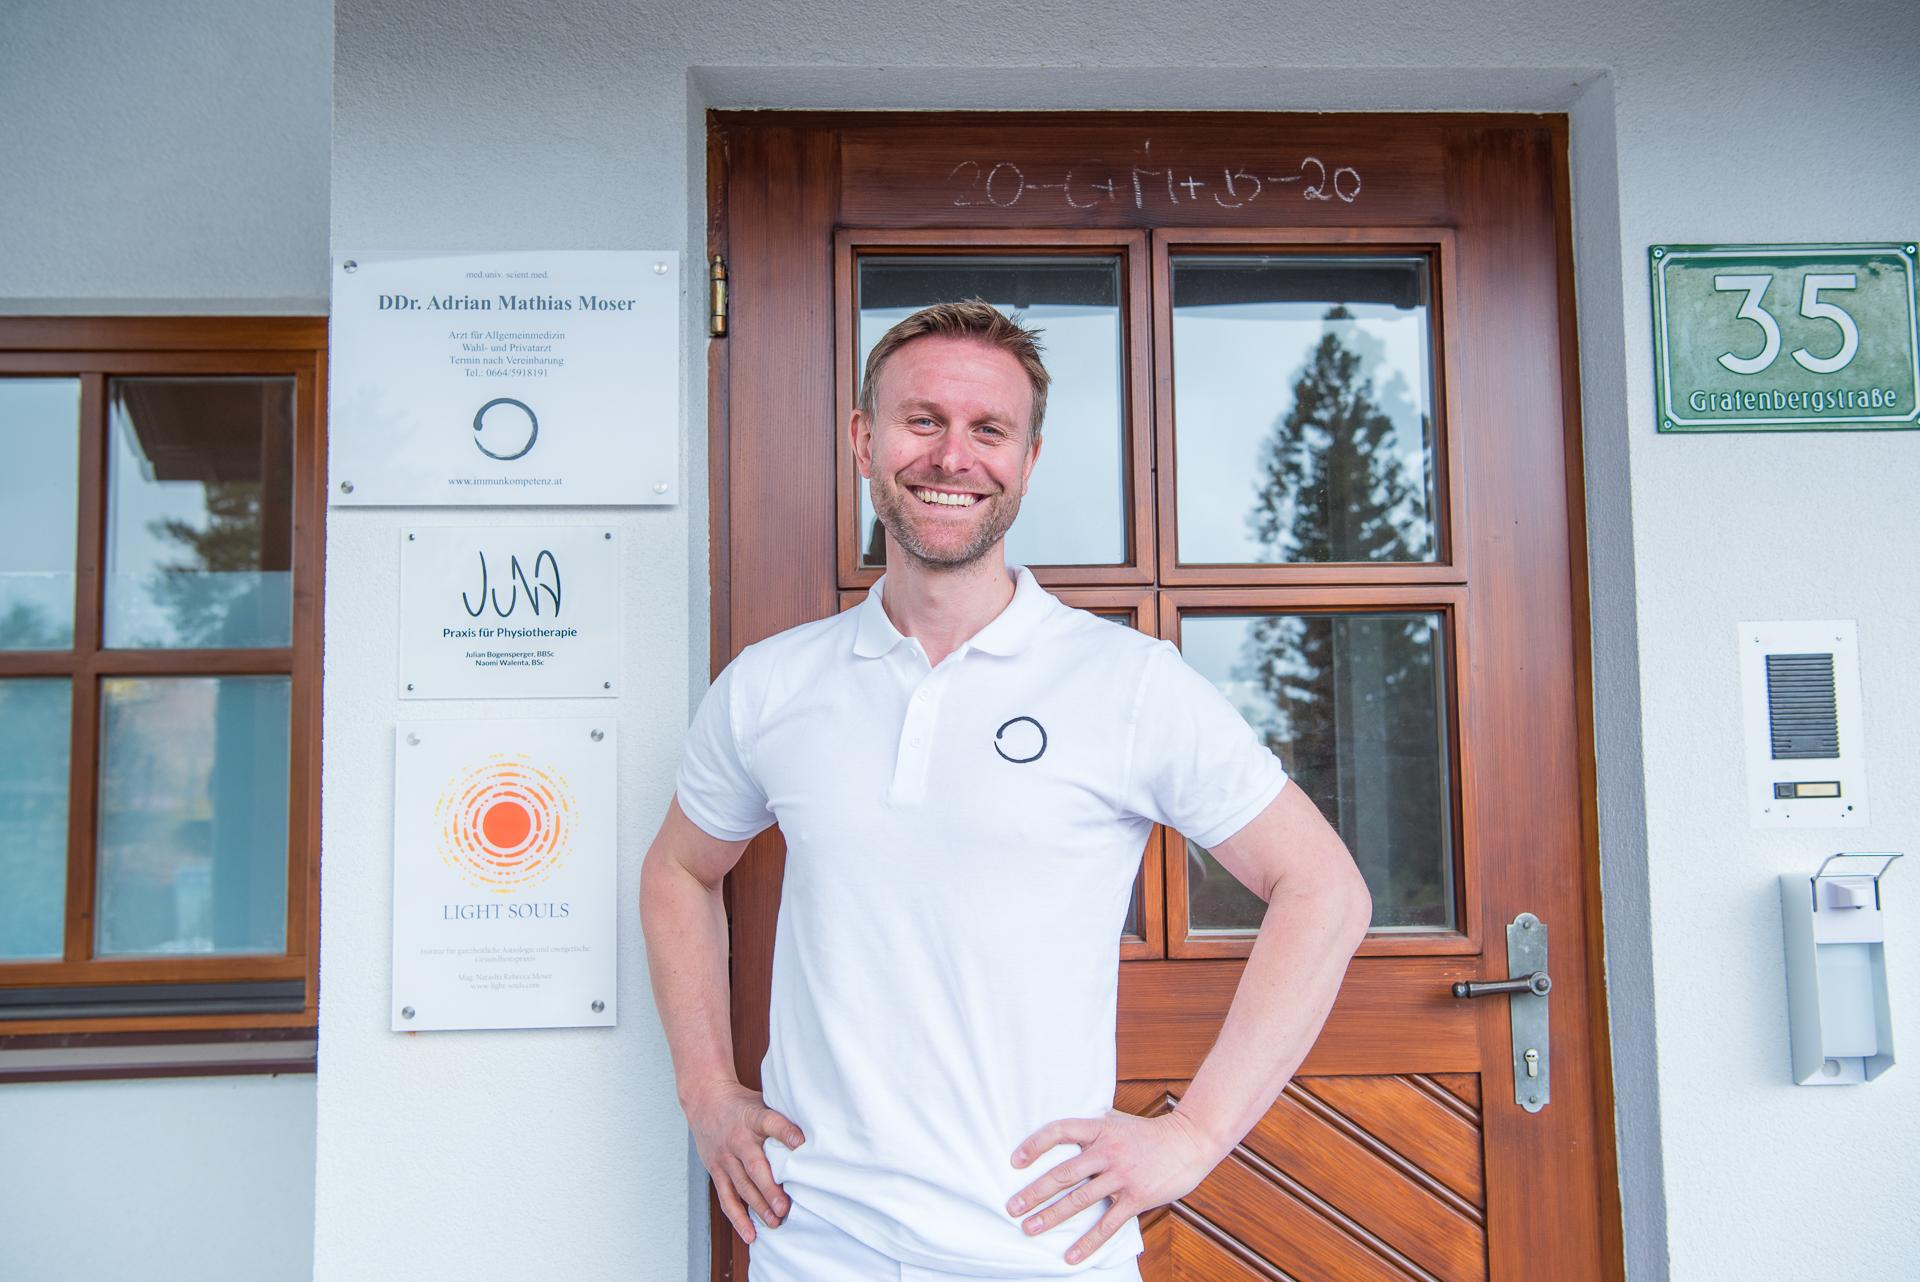 DDr. Adrian Mathias Moser, Immunkompetenz